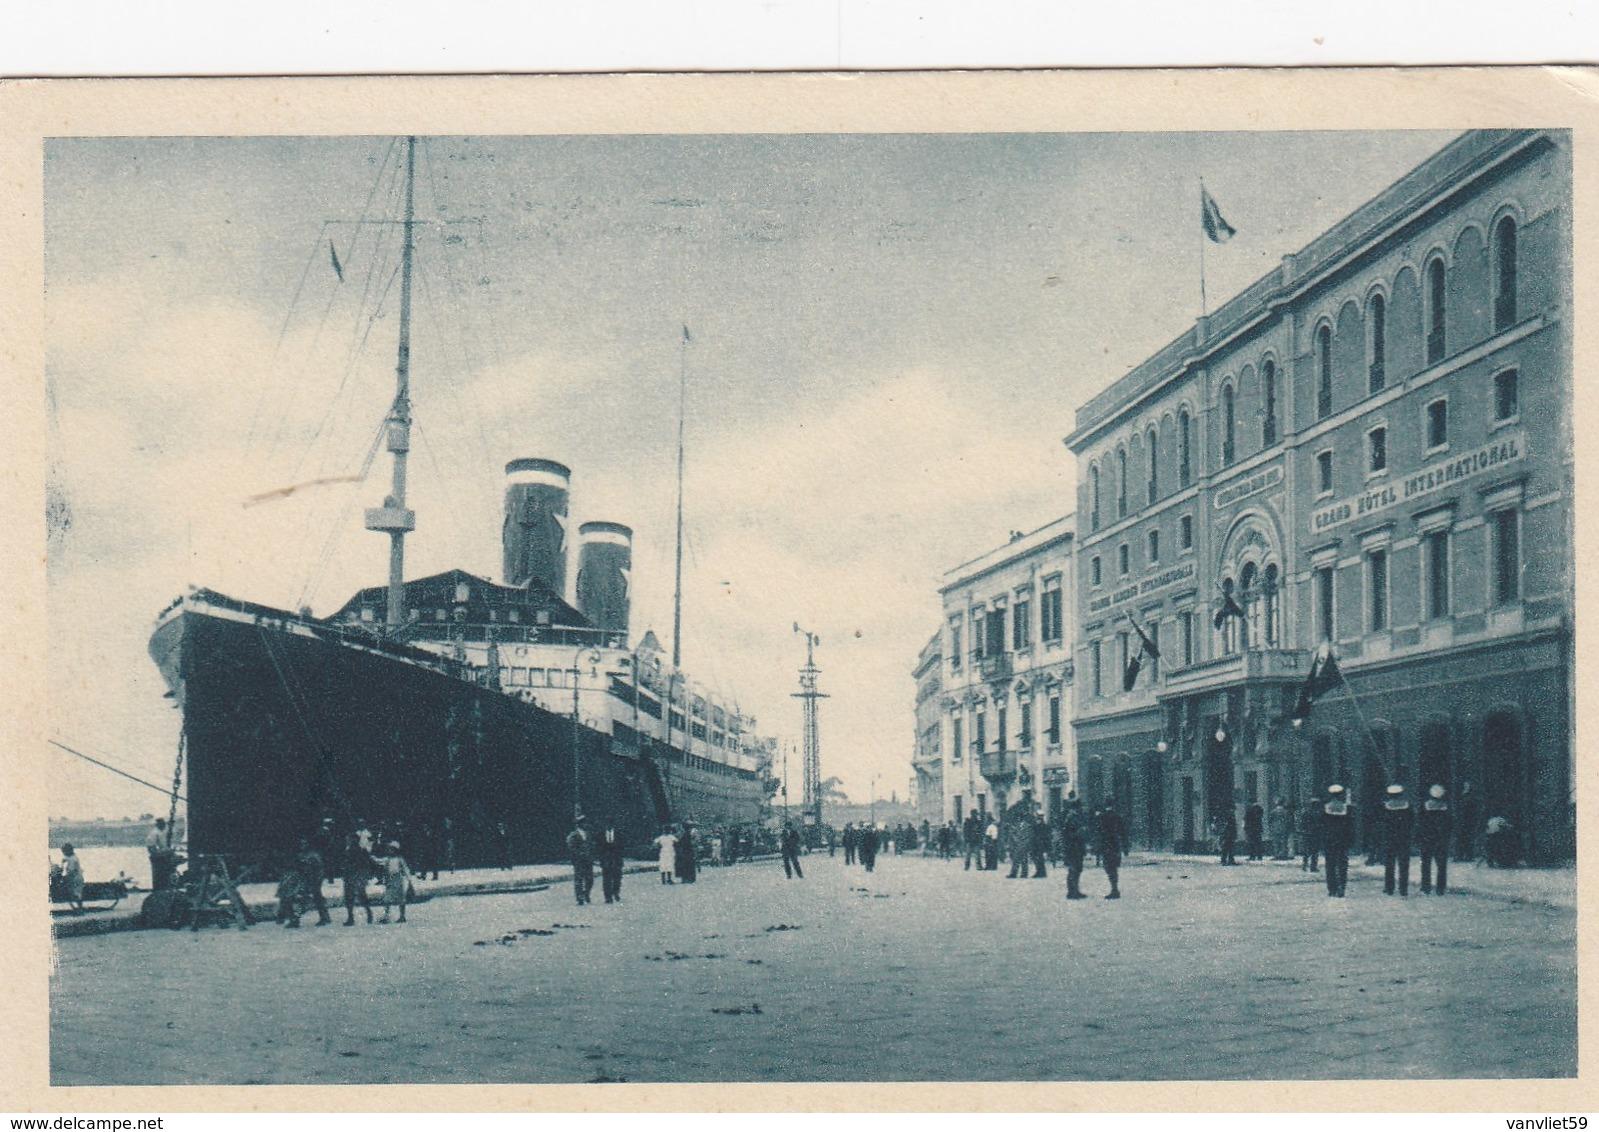 BRINDISI- HOTEL INTERNAZIONALE-TRANSATLANTICO IN PP-CARTOLINA NON VIAGGIATA -ANNO 1920-1930 - Brindisi